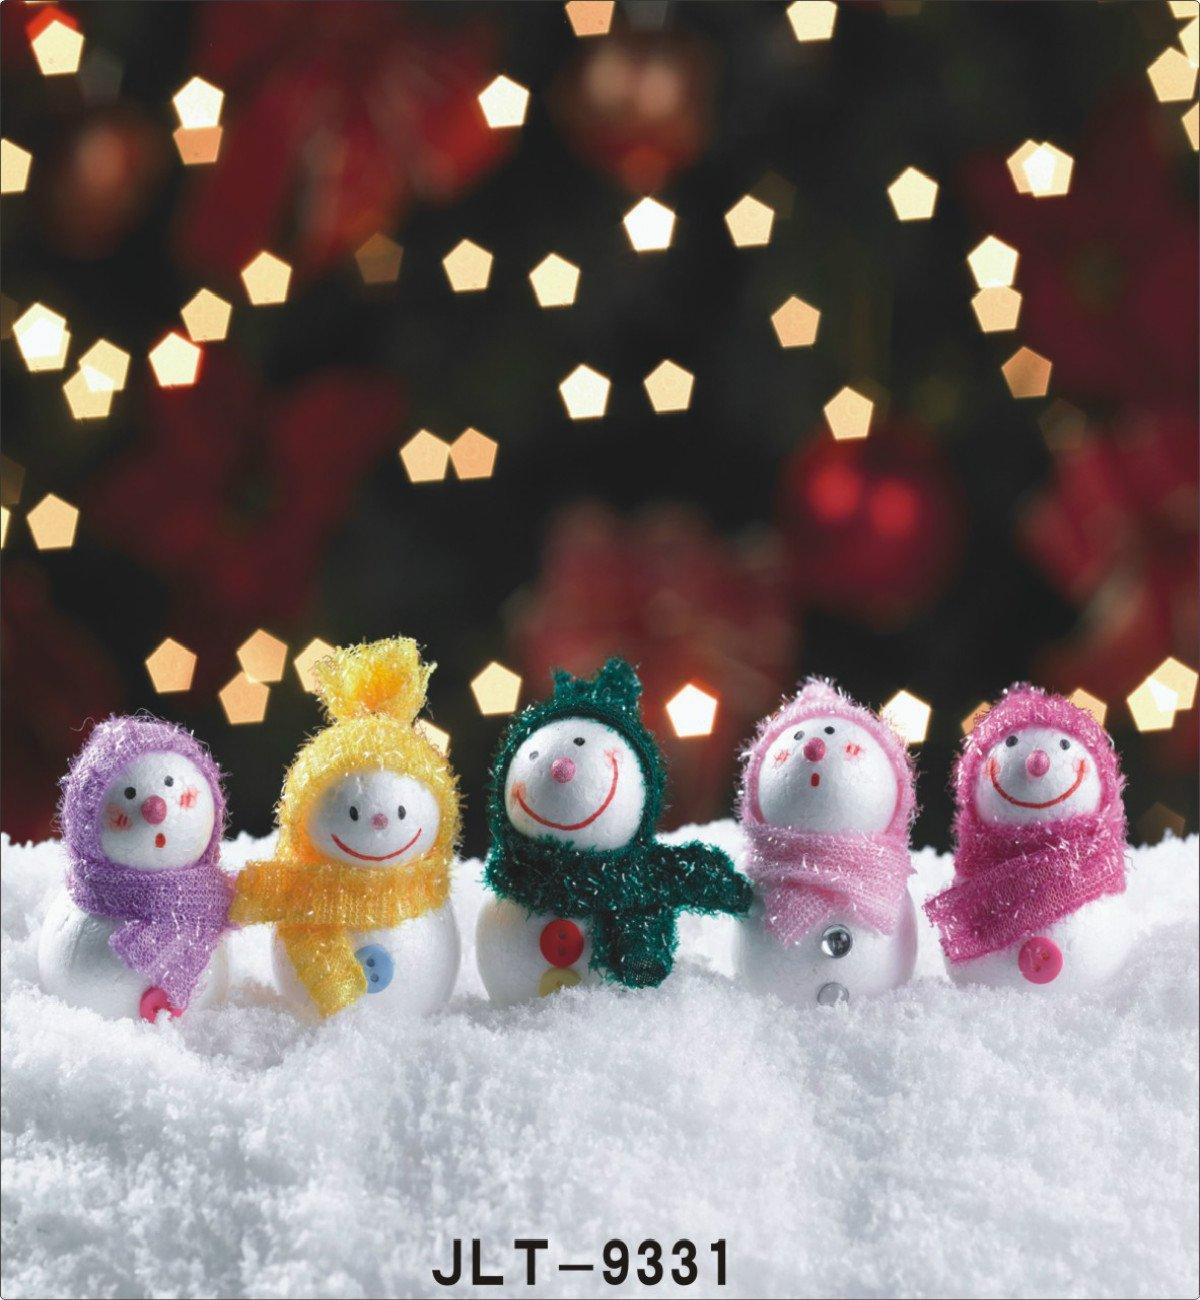 クリスマス小さな雪だるまStar写真照明の背景幕雪フォトスタジオ背景 10X20FT TR-9331-300X600CM 10X20FT 9331 B076PD172Q